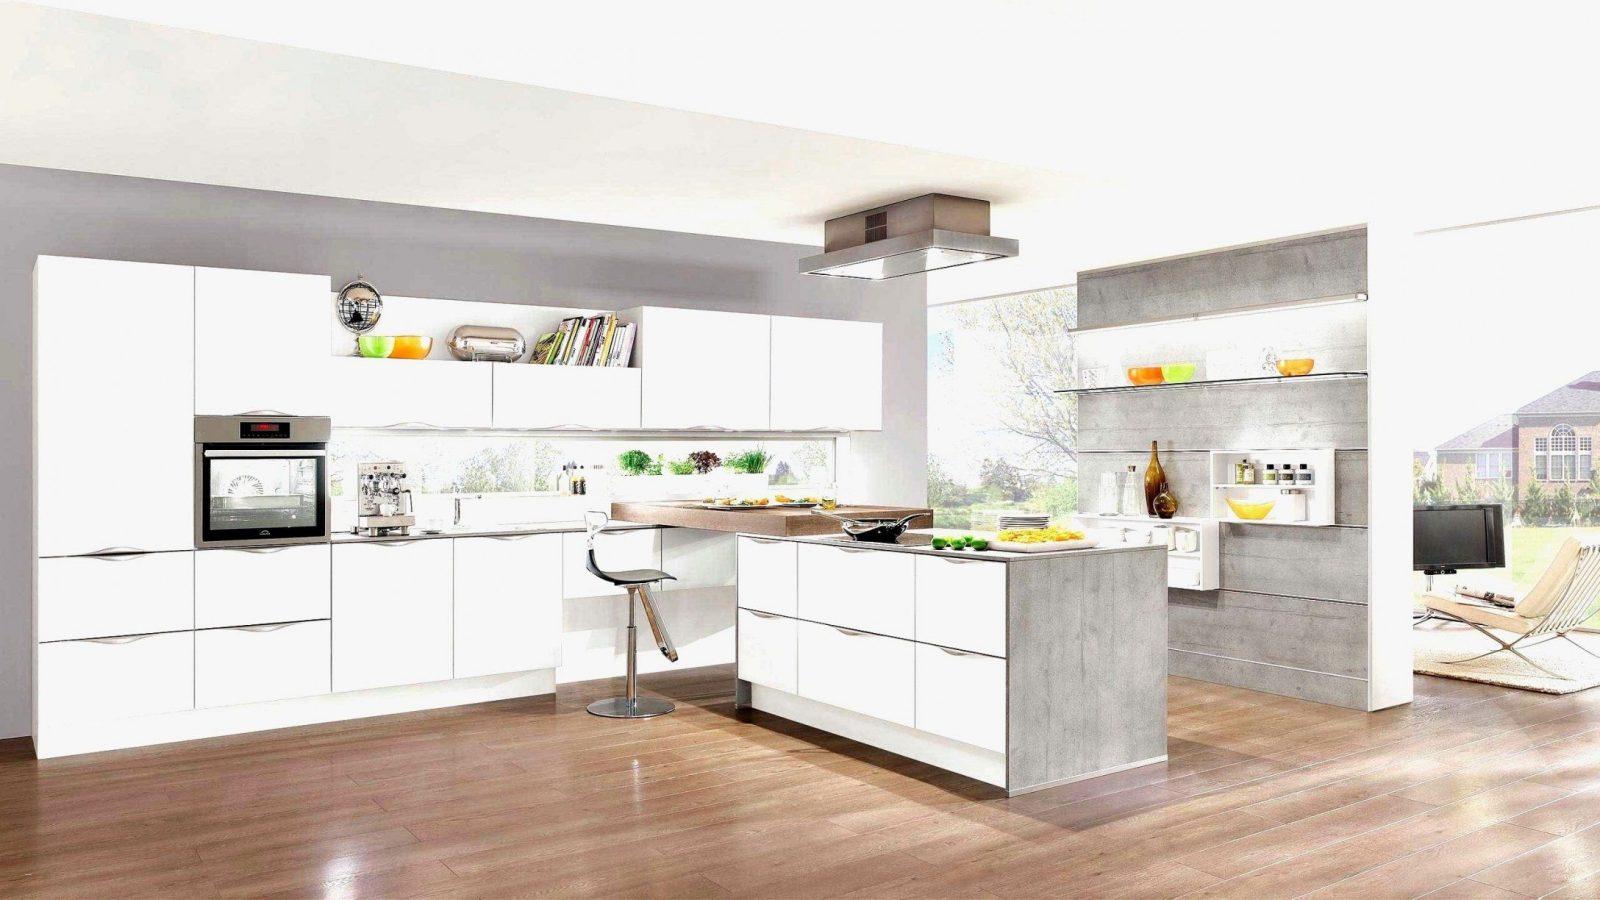 Eckschrank Küche Selber Bauen Großartig Schön Küchenschränke Maße von Eckschrank Küche Selber Bauen Photo